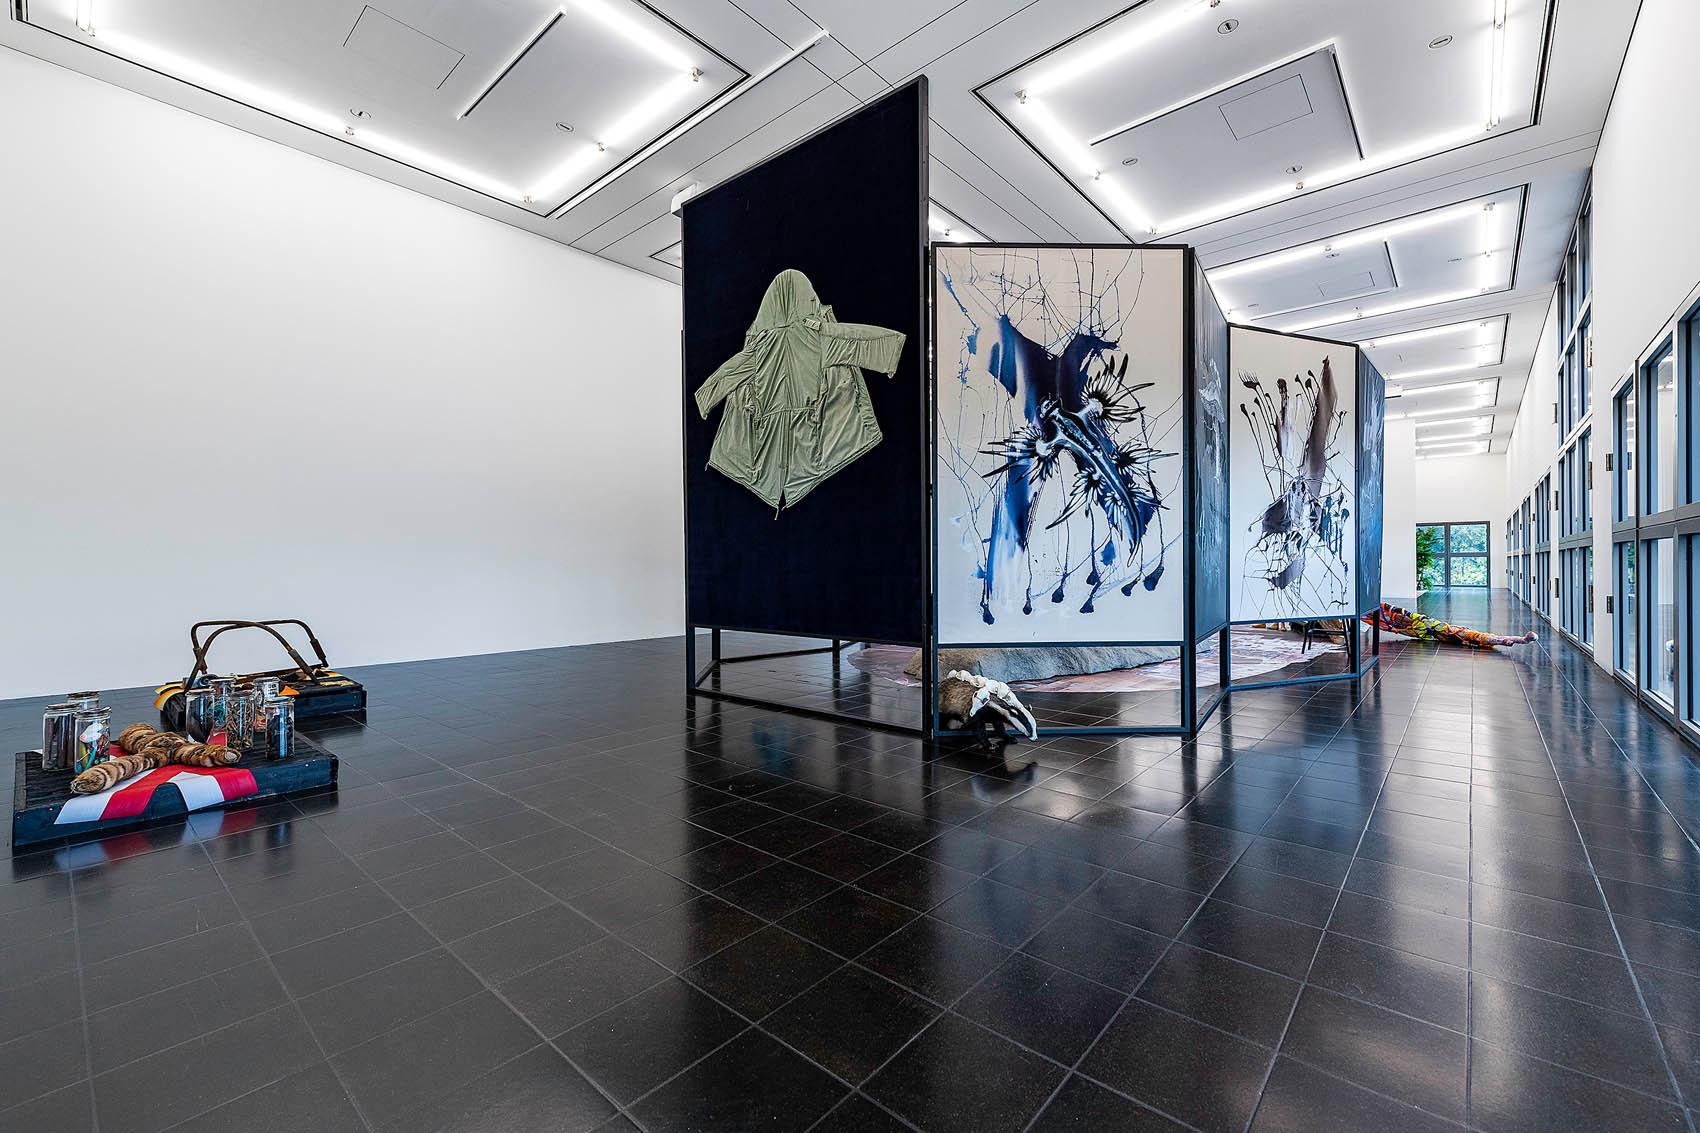 """""""ARCHE endemisch"""", 2020, Installationsansicht in """"Die absurde Schönheit des Raumes"""", Hamburger Kunsthalle"""